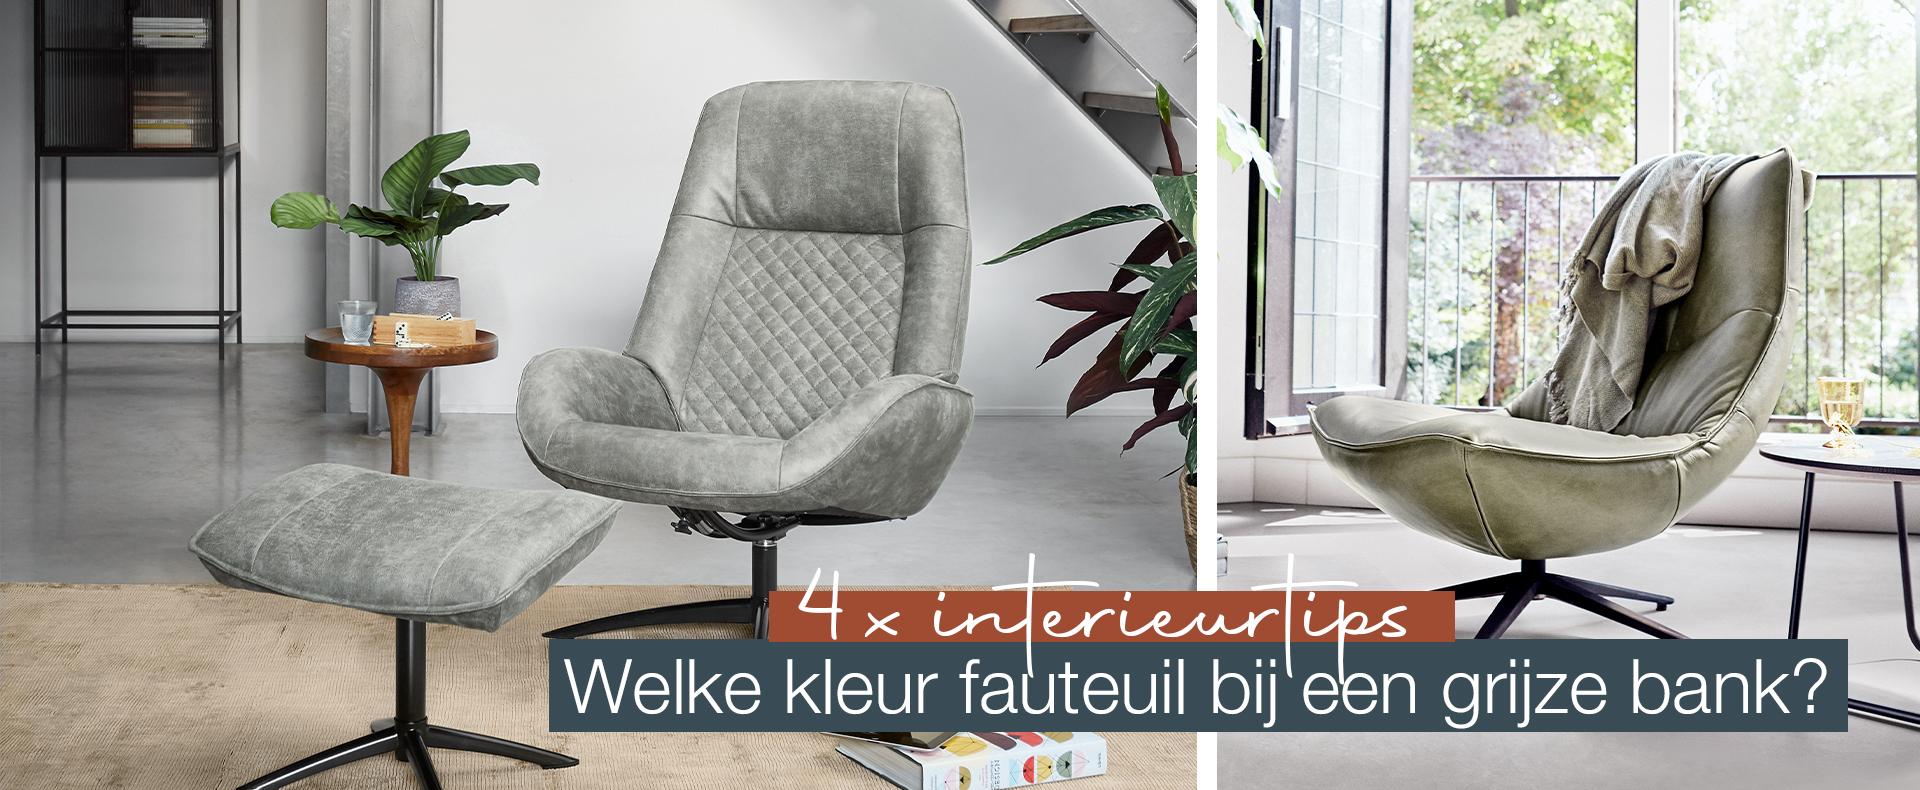 4x Interieurtips: Welke kleur fauteuil bij een grijze bank?